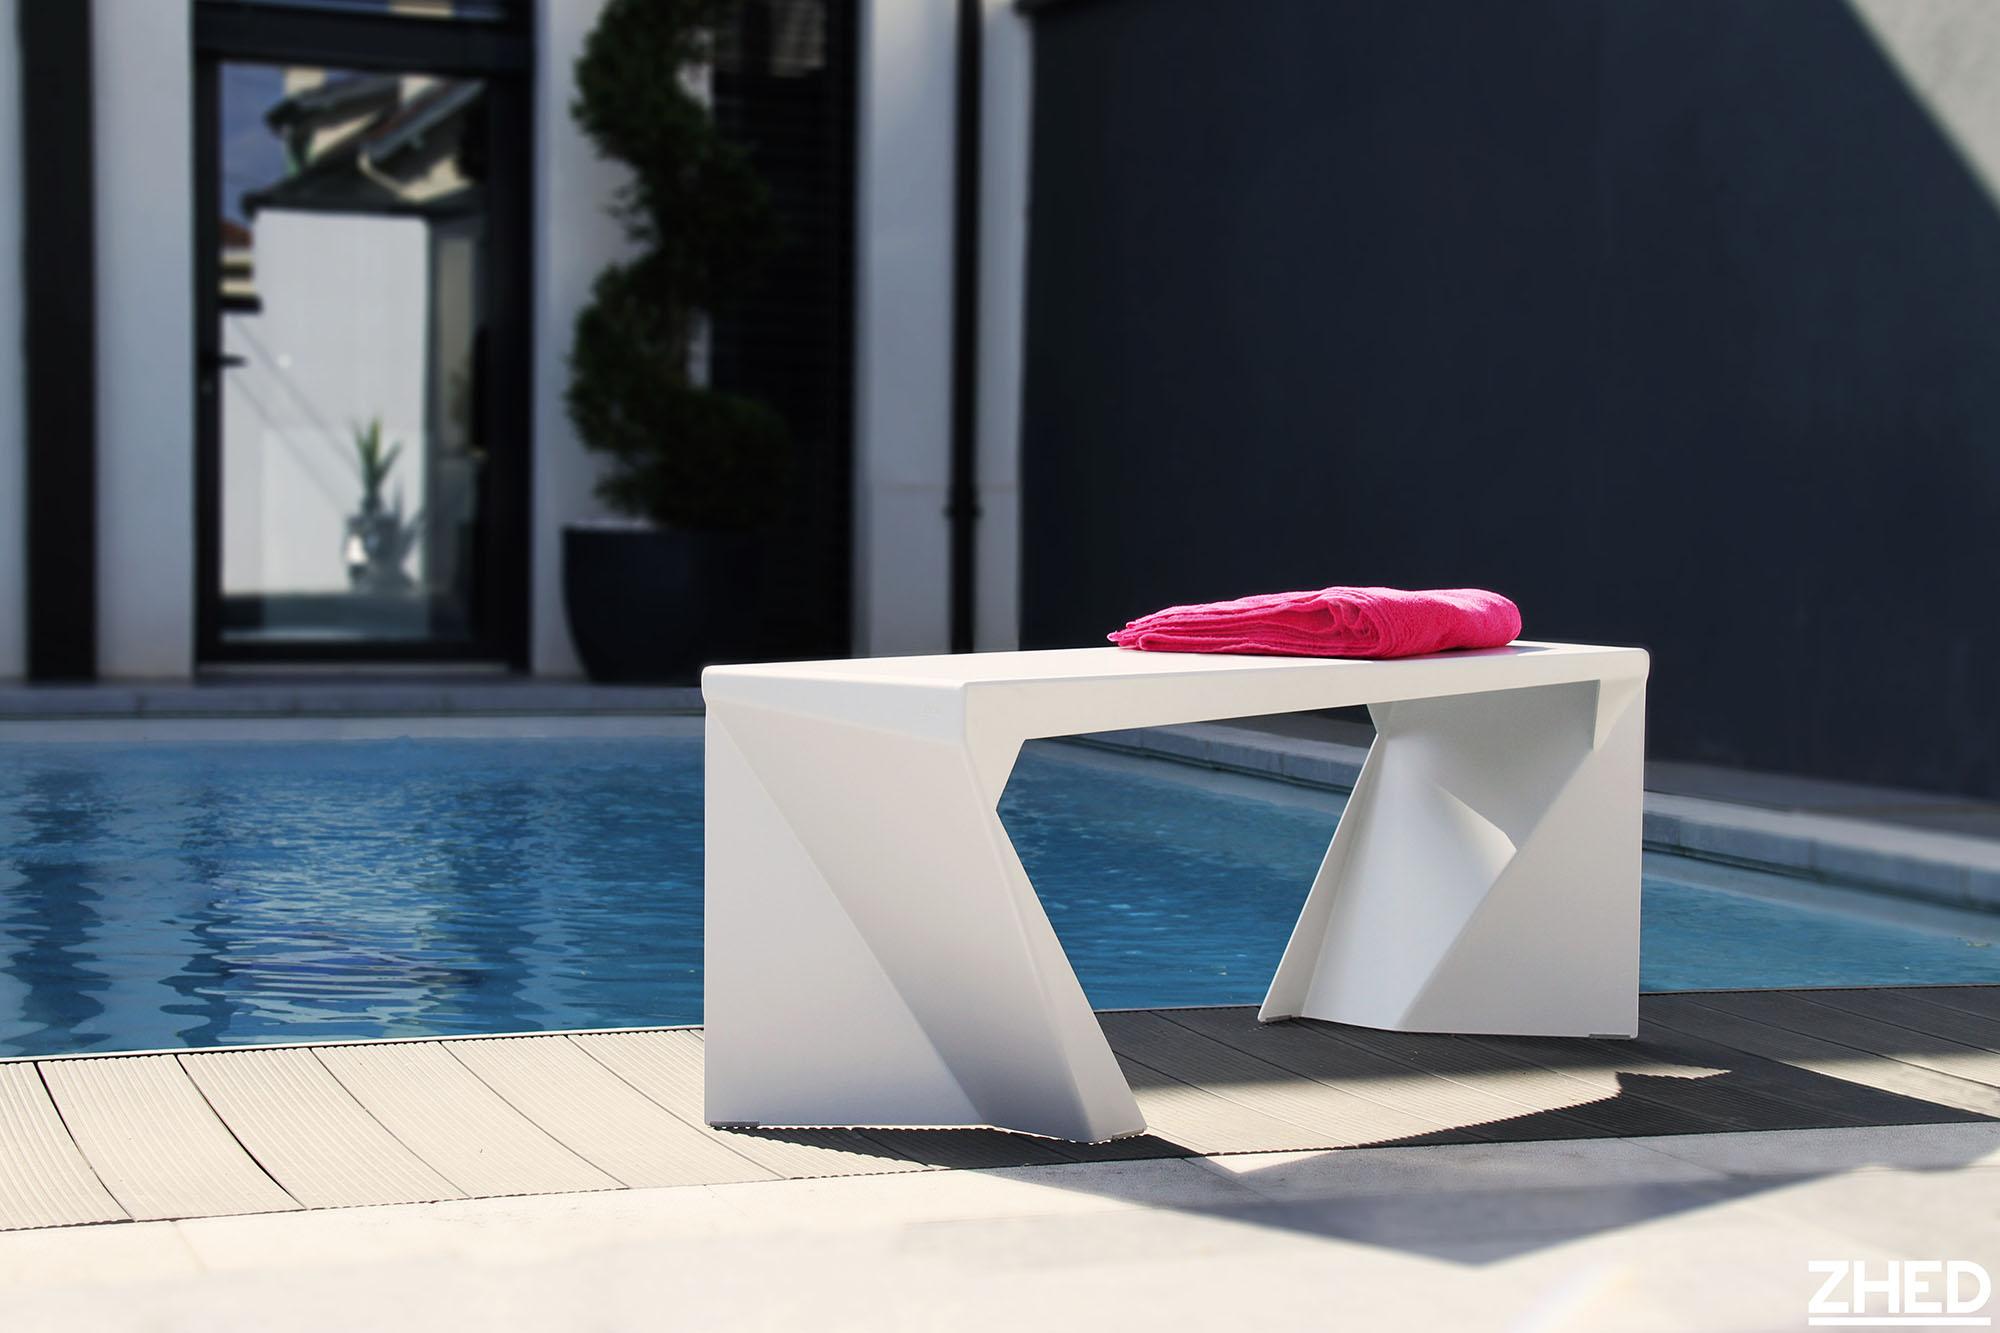 BARREM CONCEPT - mobilier sur-mesure ZHED banc aluminium